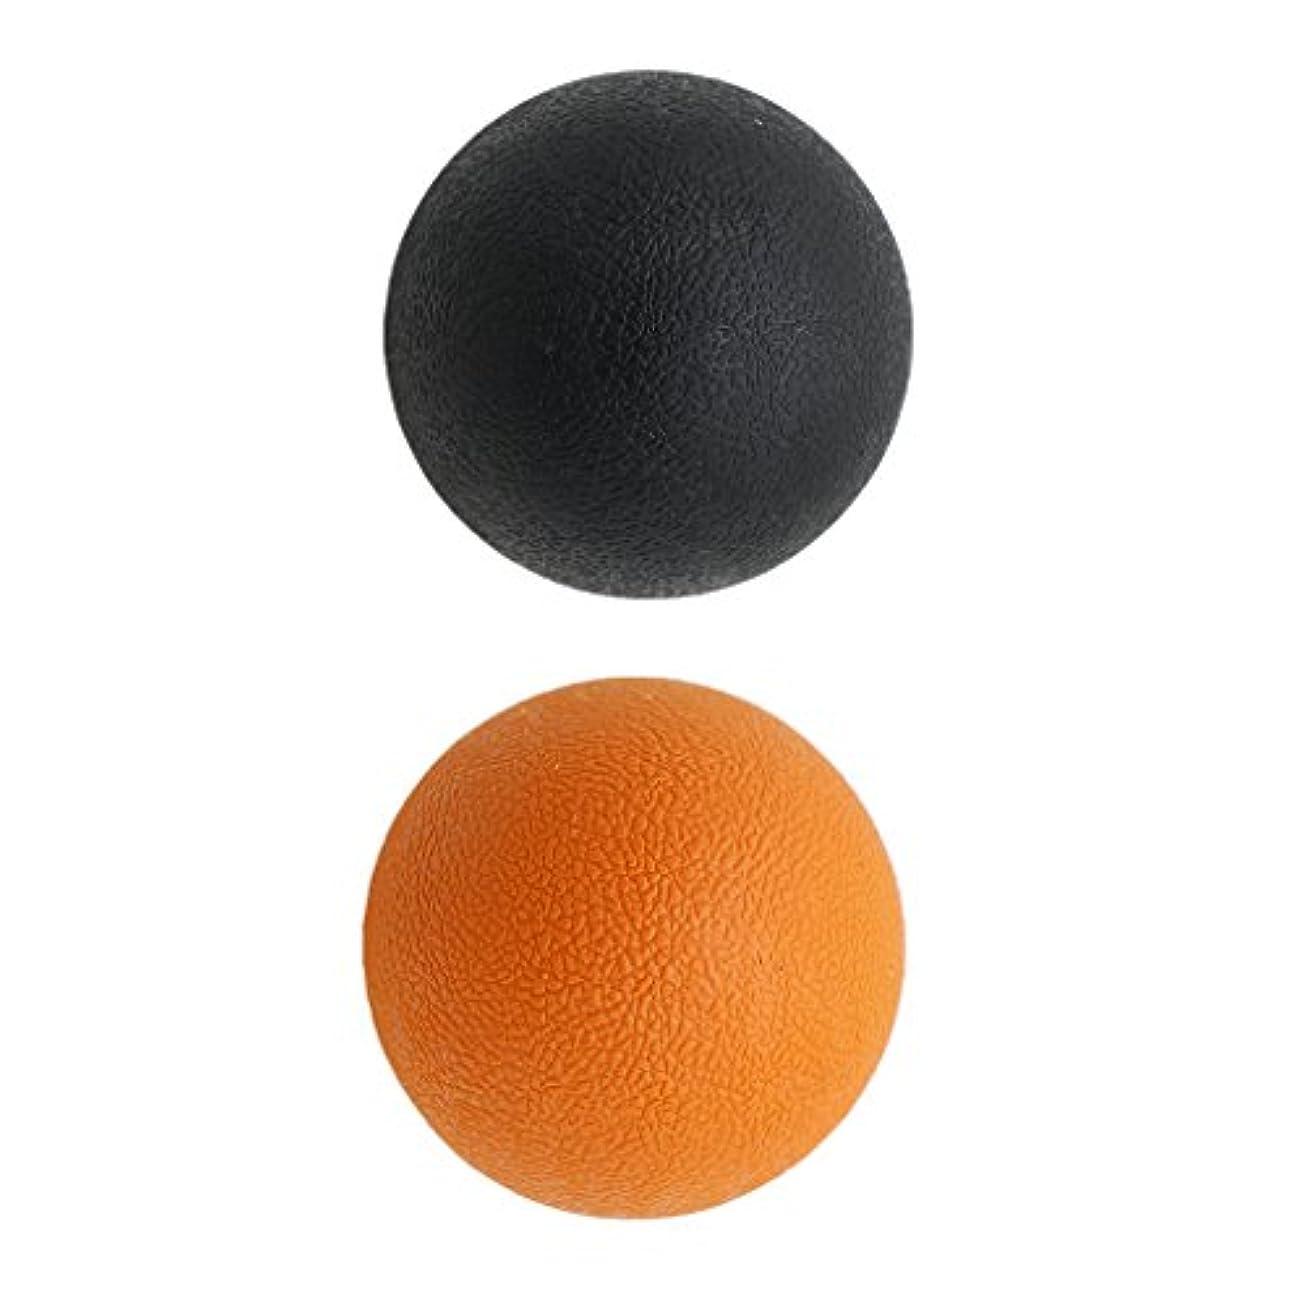 試してみる人事バスケットボールKesoto 2個 マッサージボール ラクロスボール 背部 トリガ ポイント マッサージ 多色選べる - オレンジブラック